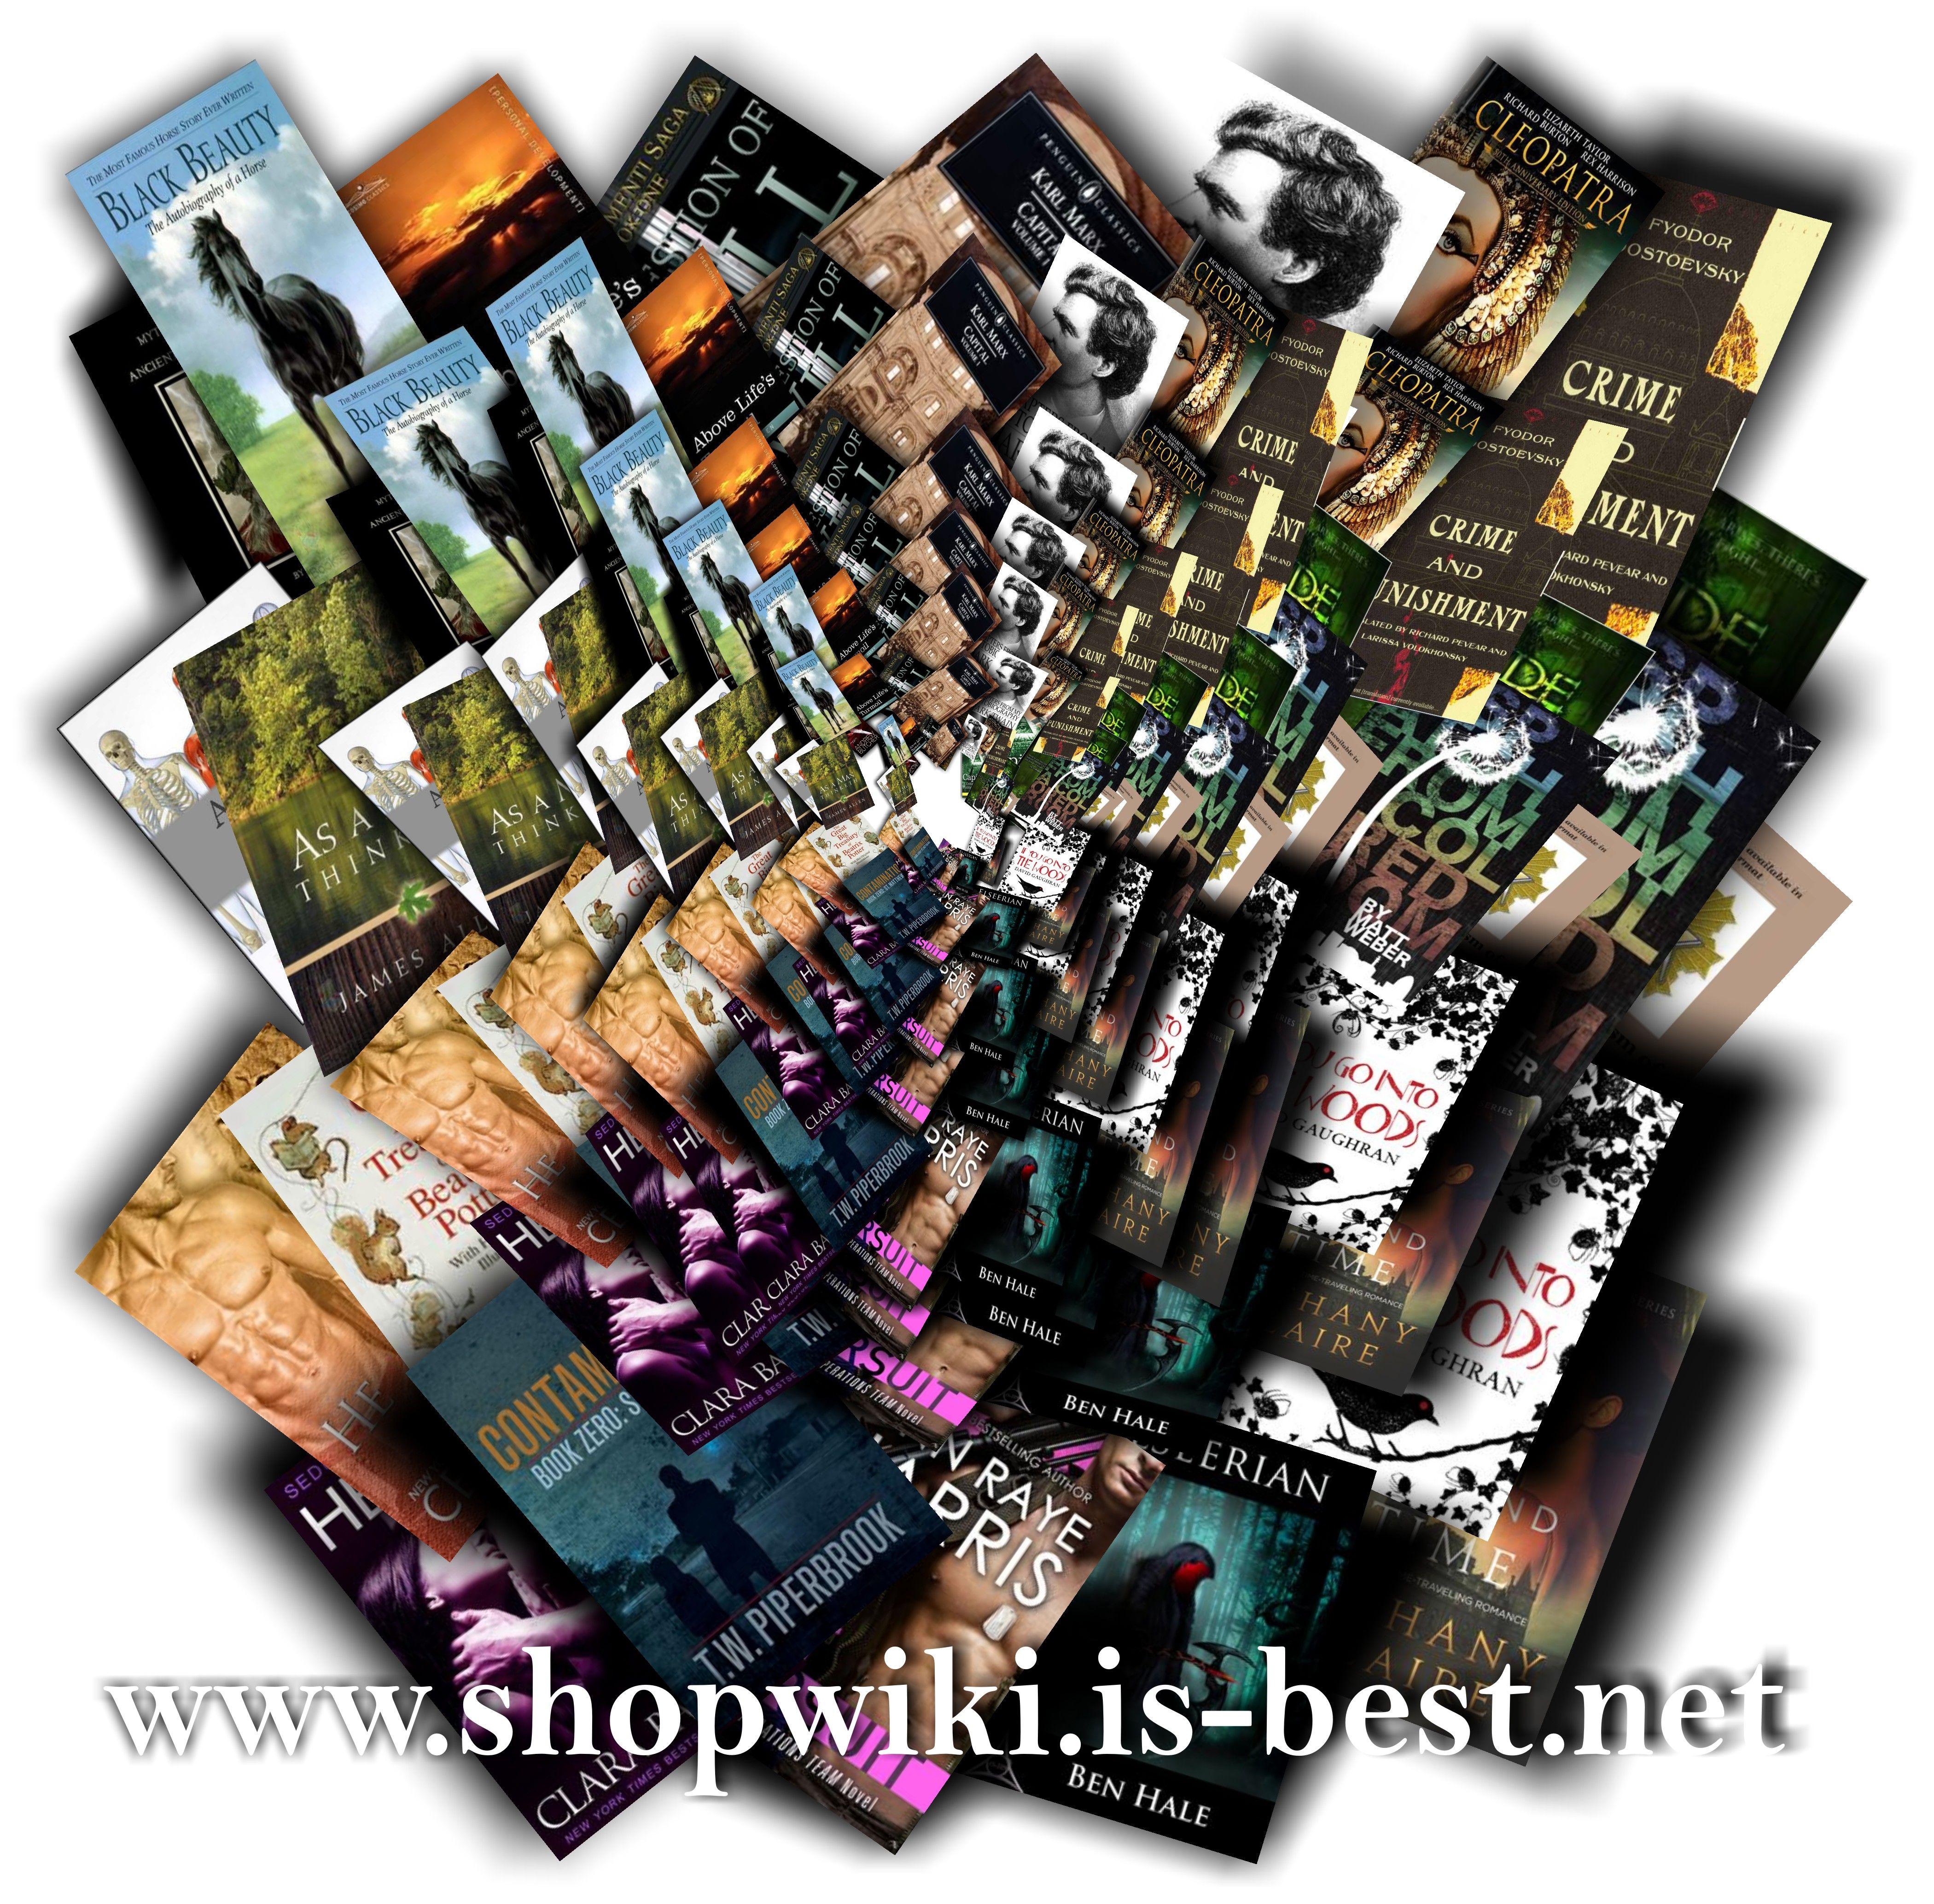 vst www.shopwiki.is-best.net